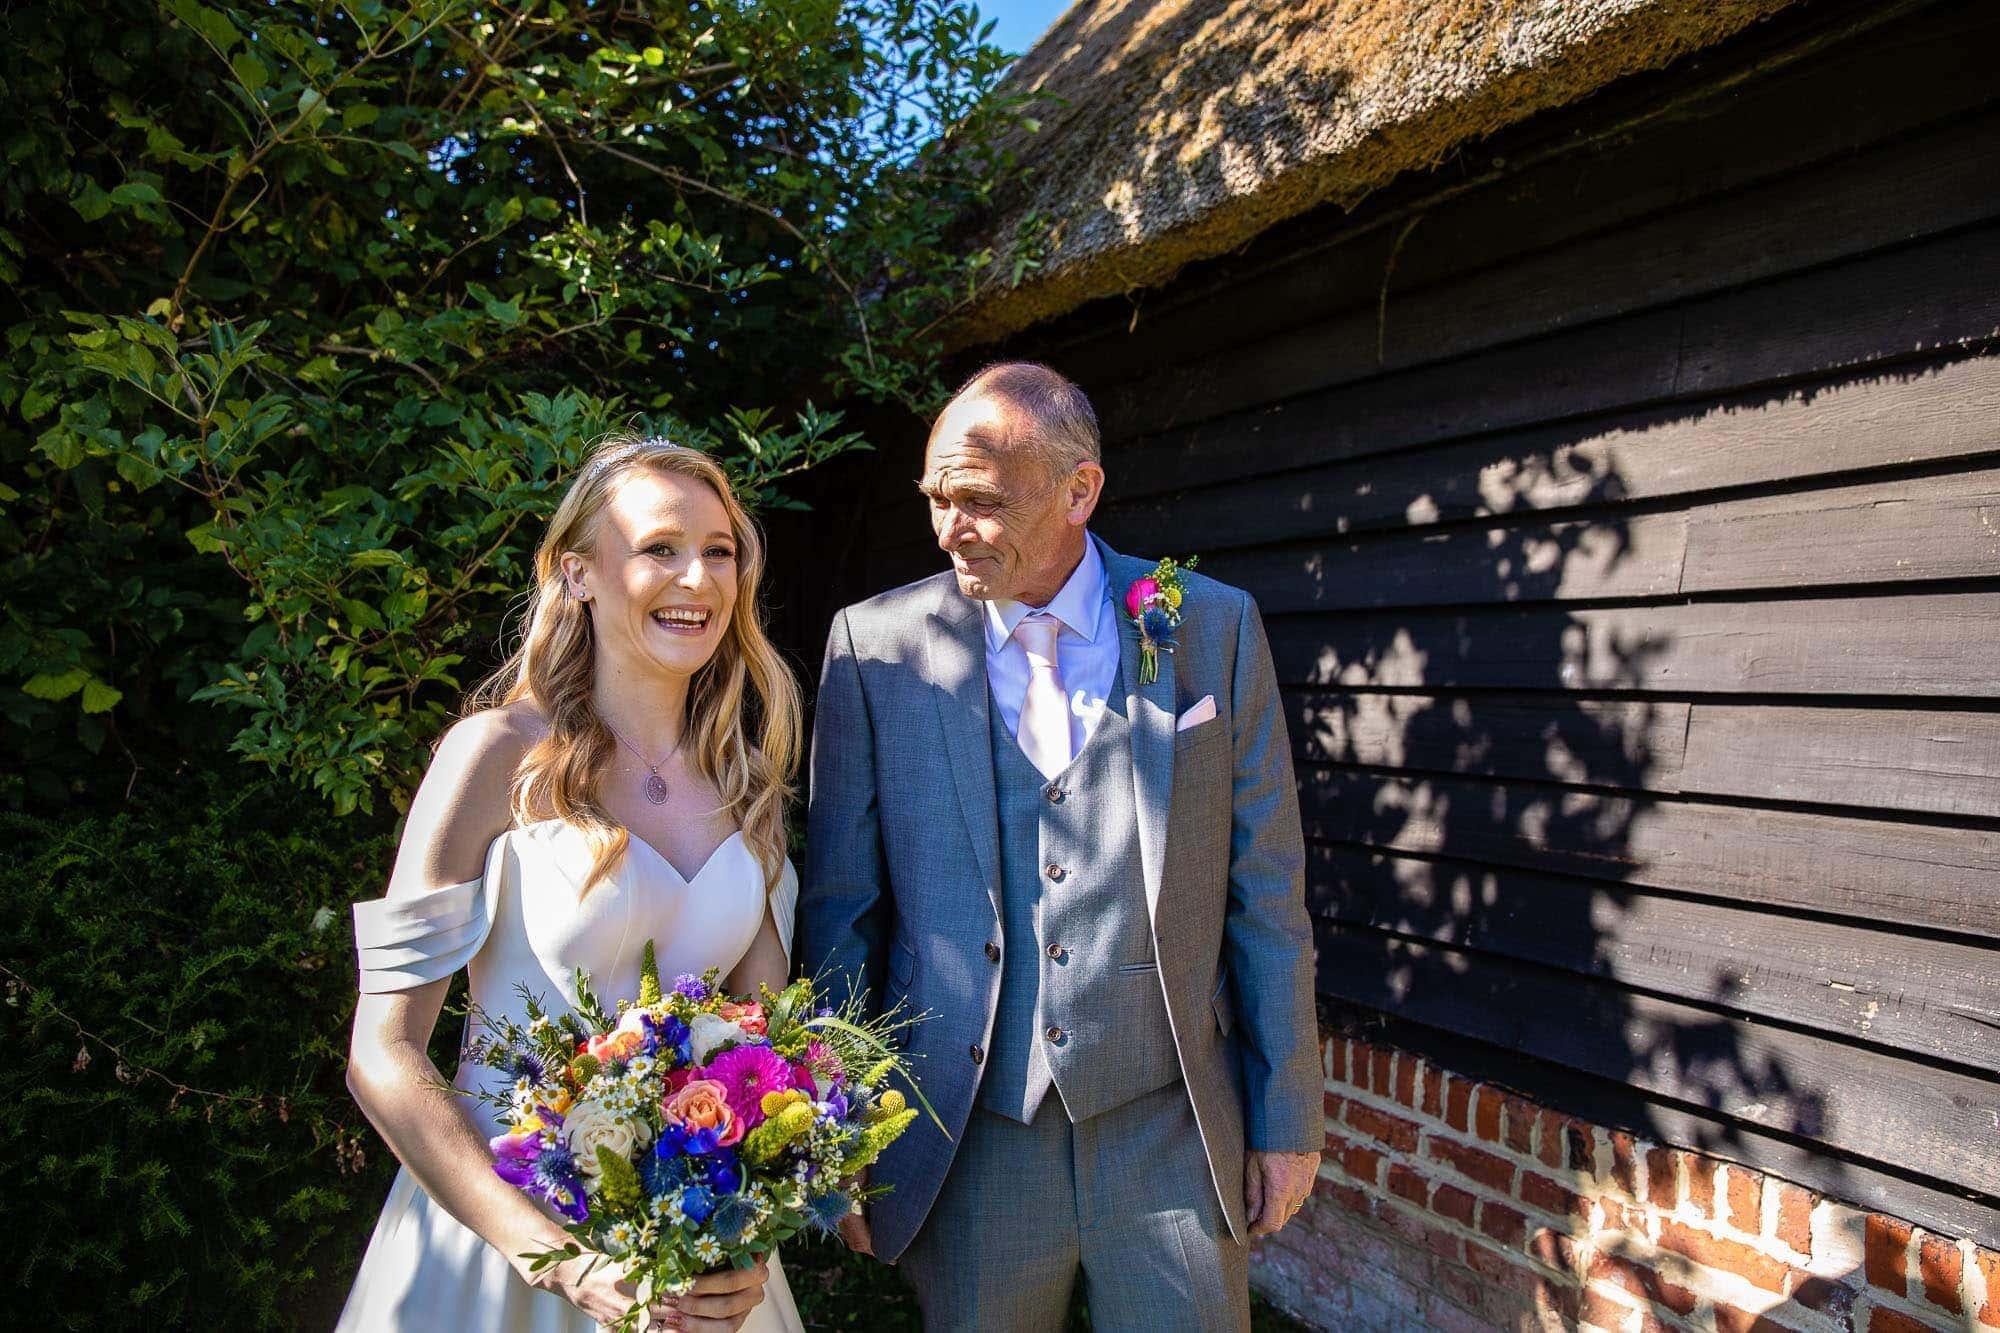 Norton Park Wedding Two Brides 35 1393